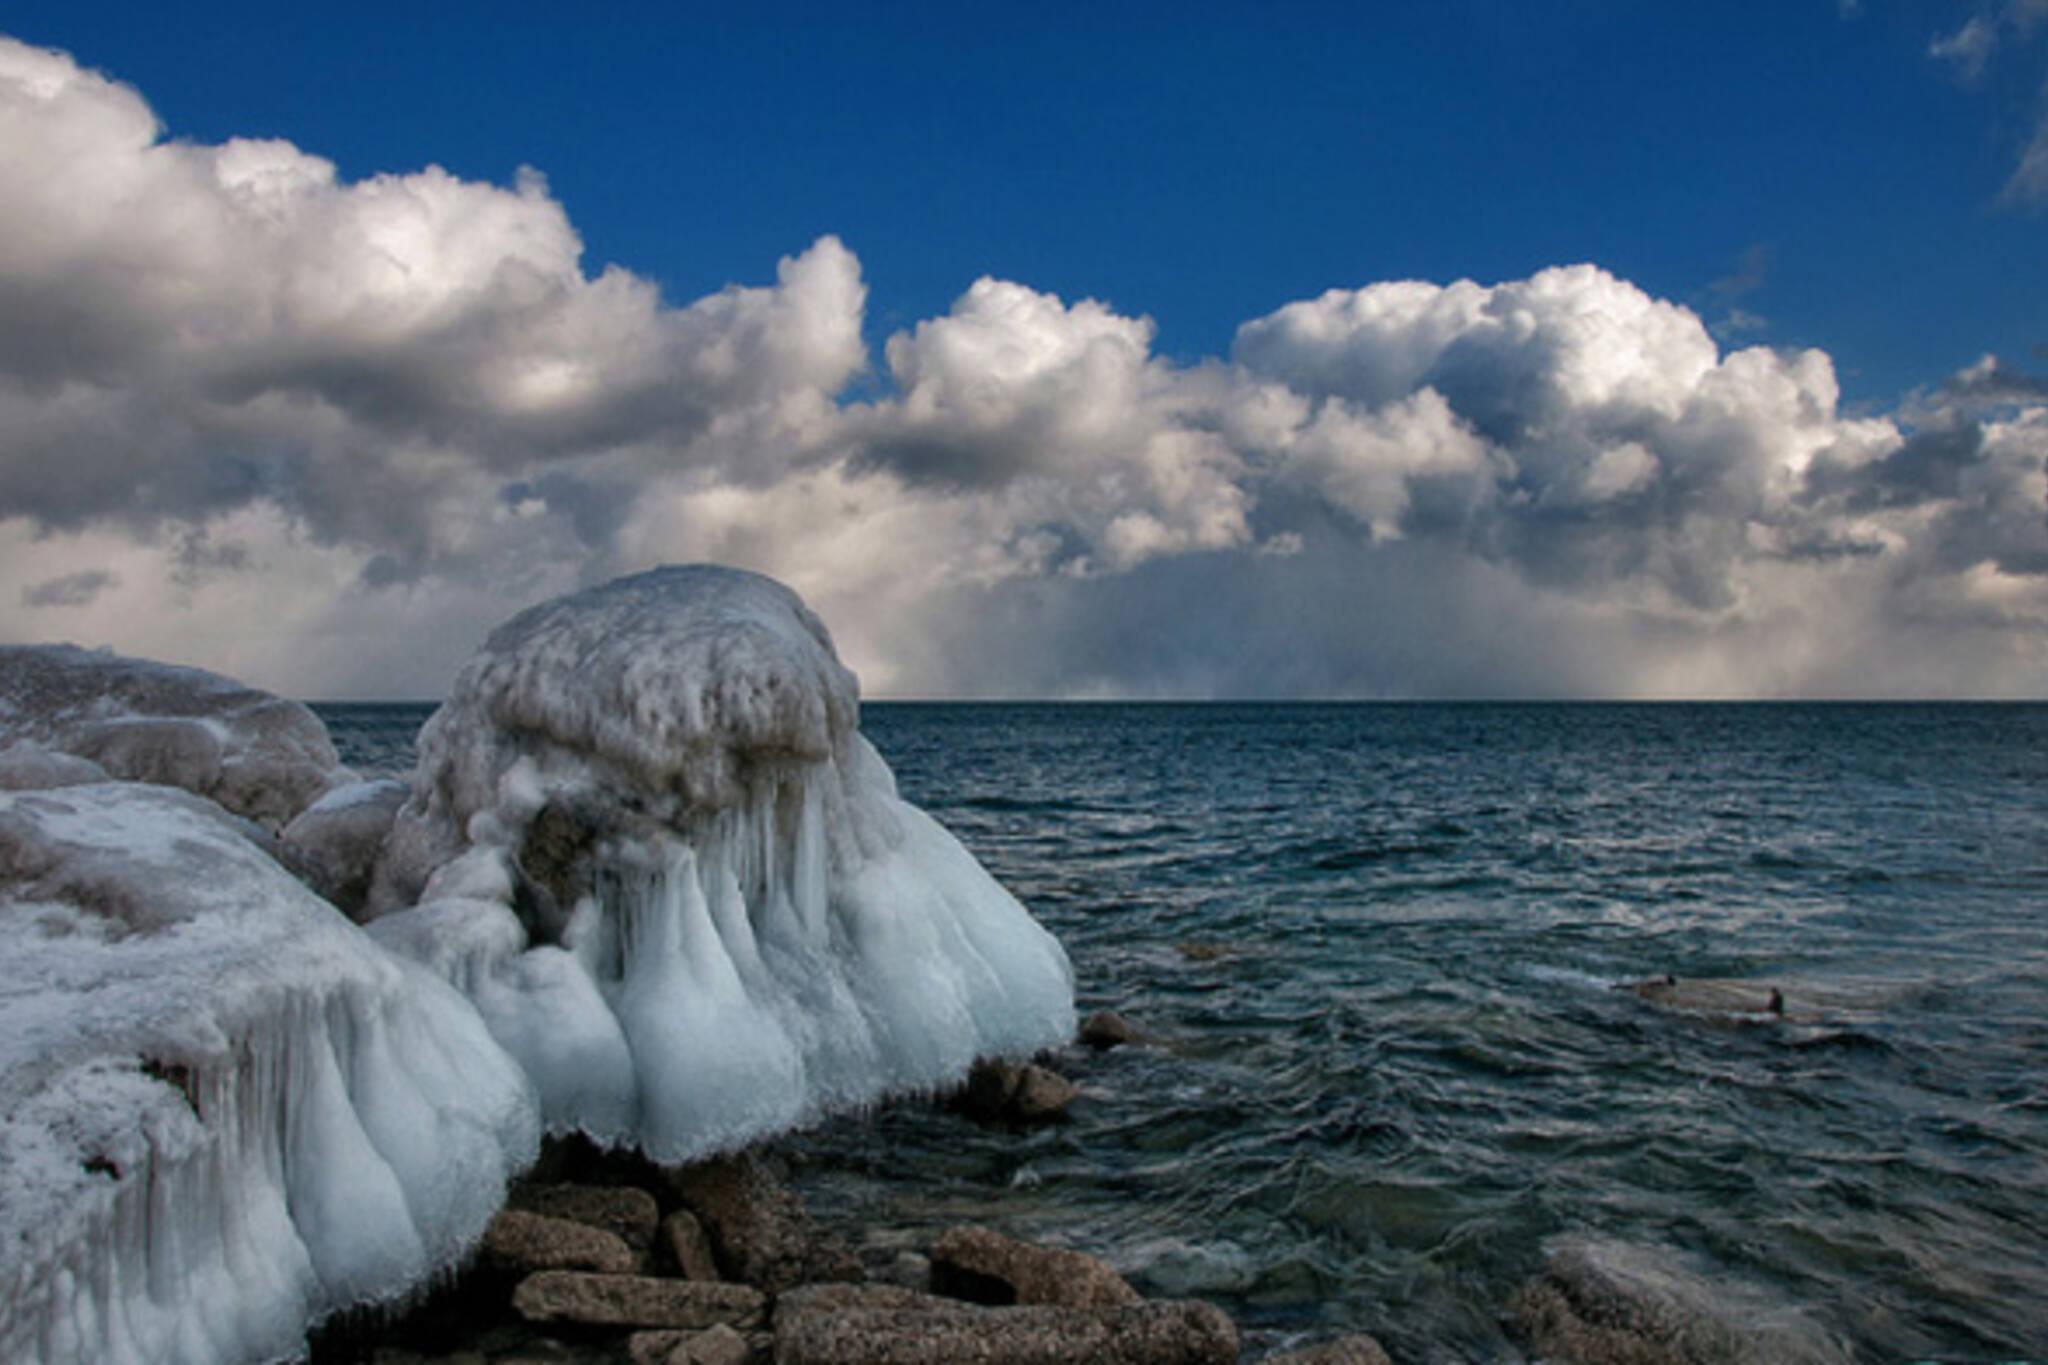 Snow Winter Lake Ontario